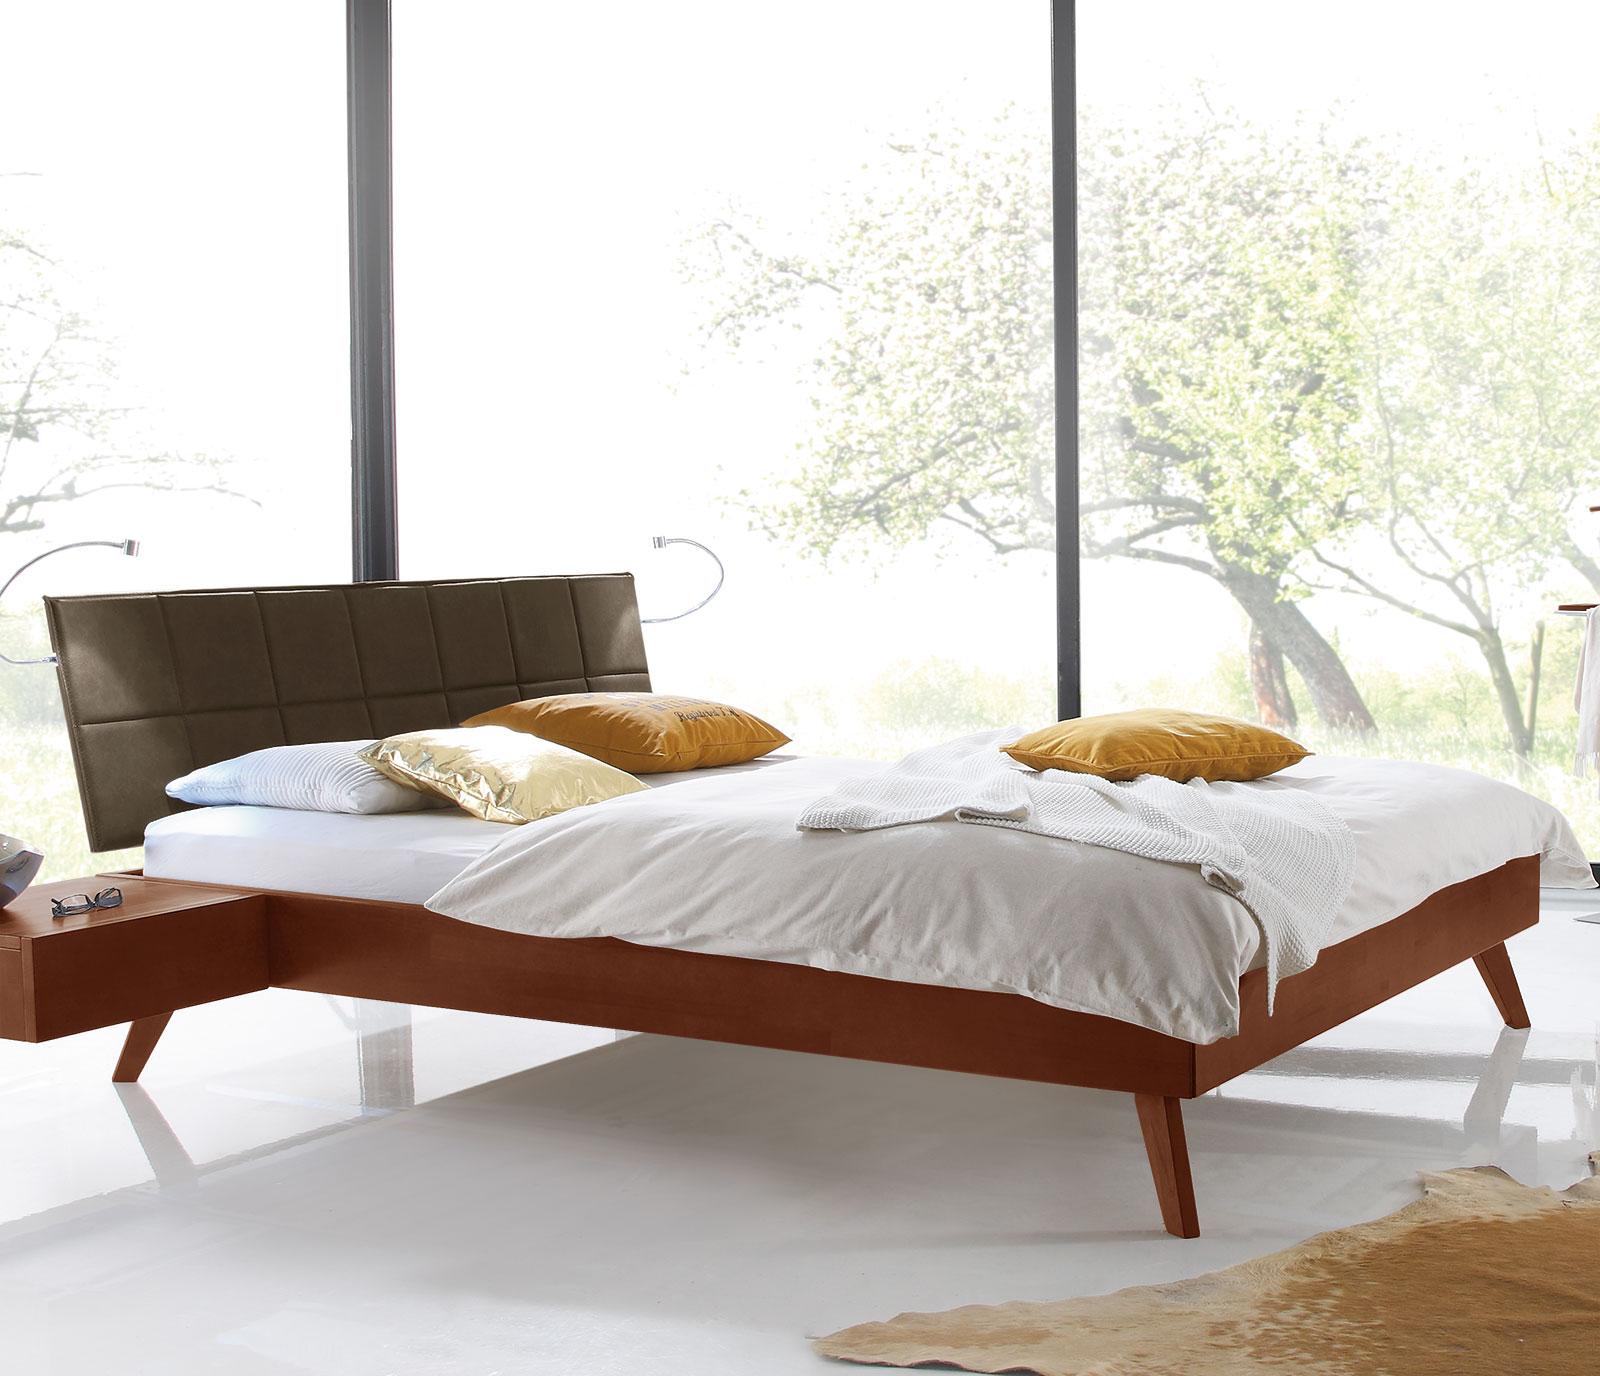 Full Size of Skandinavisches Designbett Aus Buche Massiv Andros Betten 140x200 Günstig Kaufen 180x200 Für übergewichtige Teenager Japanische Landhausstil überlänge Bett Designer Betten